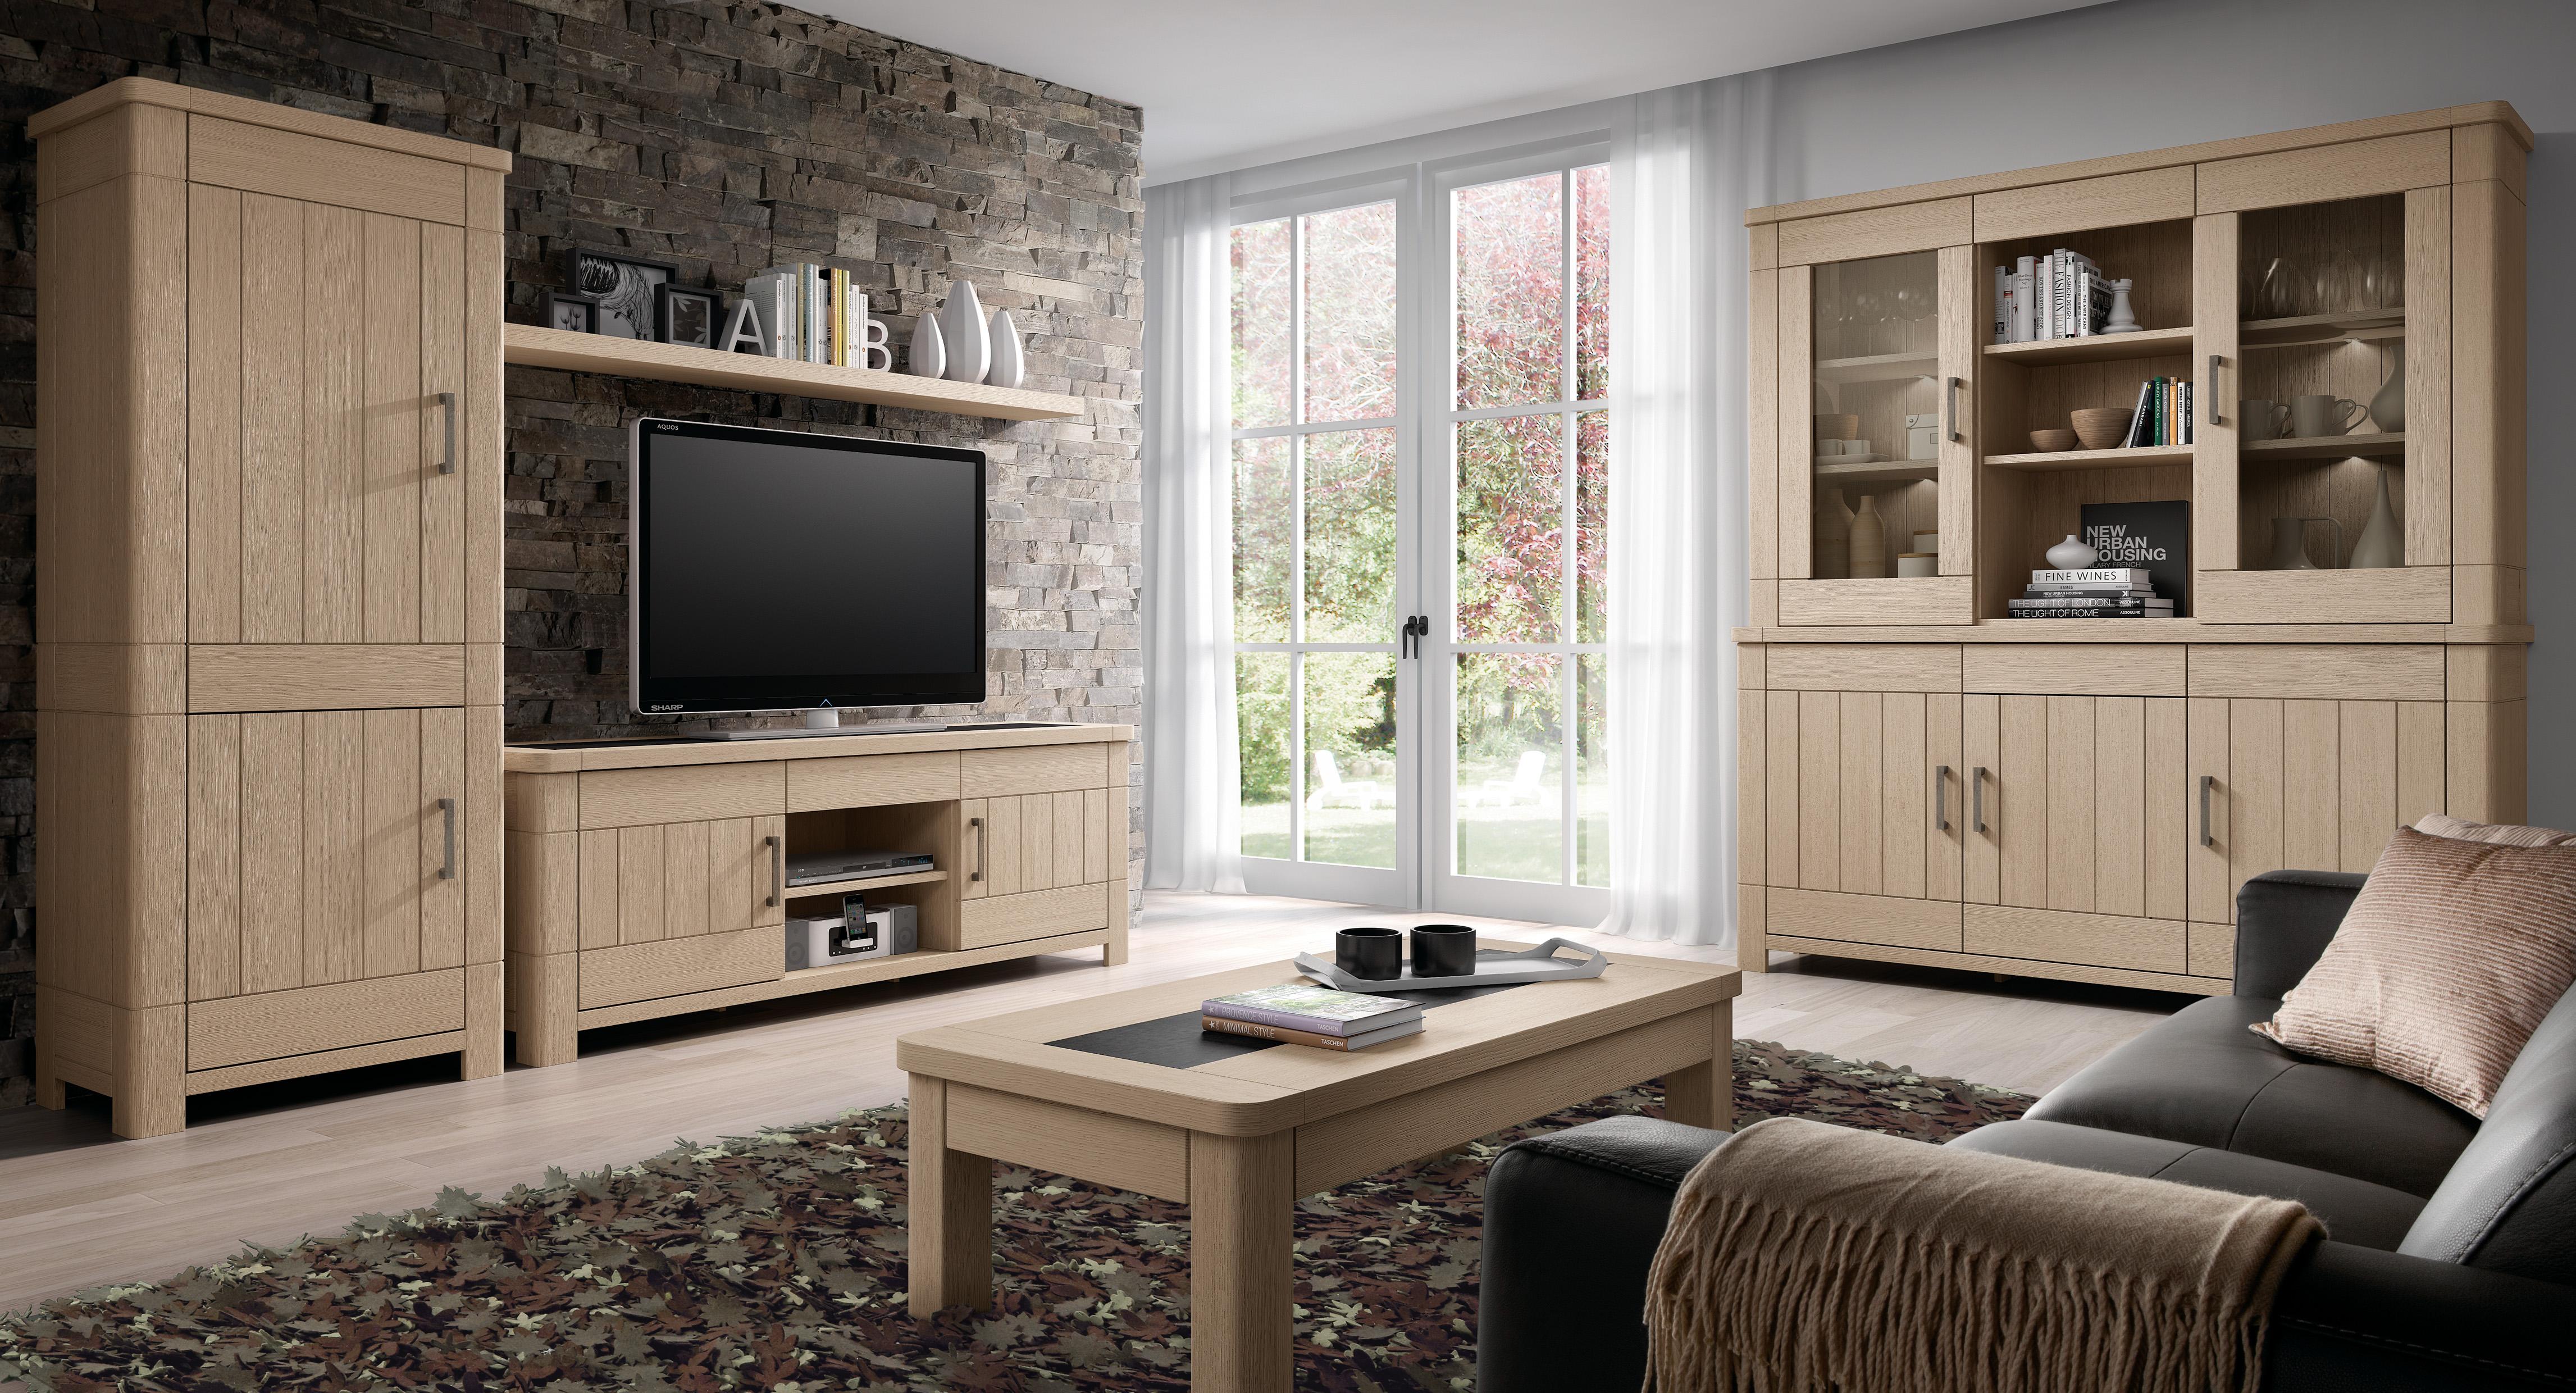 Tv meubel miro meubelen tilt de keizer for Meubels landelijke stijl